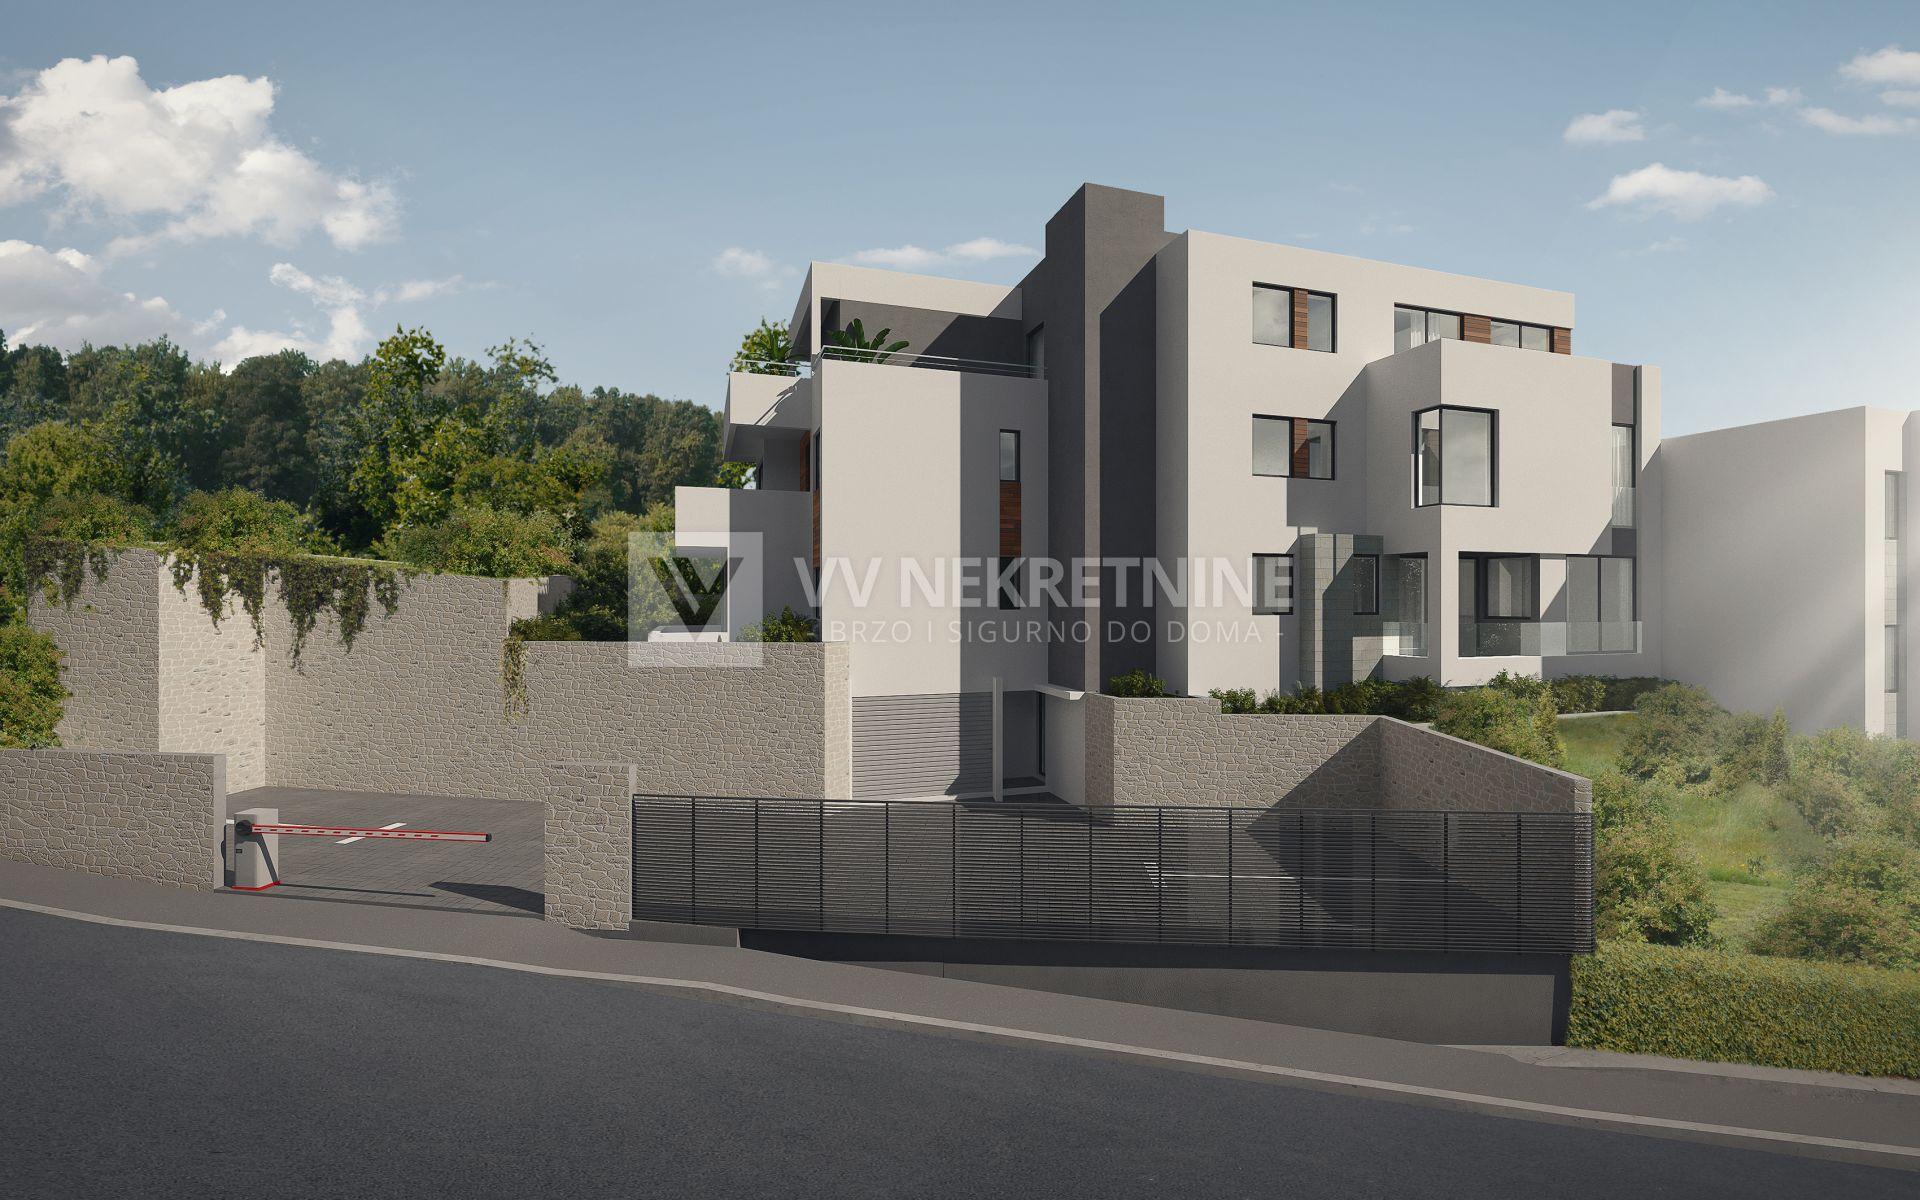 Marčeljeva Draga - luksuzna novogradnja - 86,20m2, 3S+DB stan na prvom katu